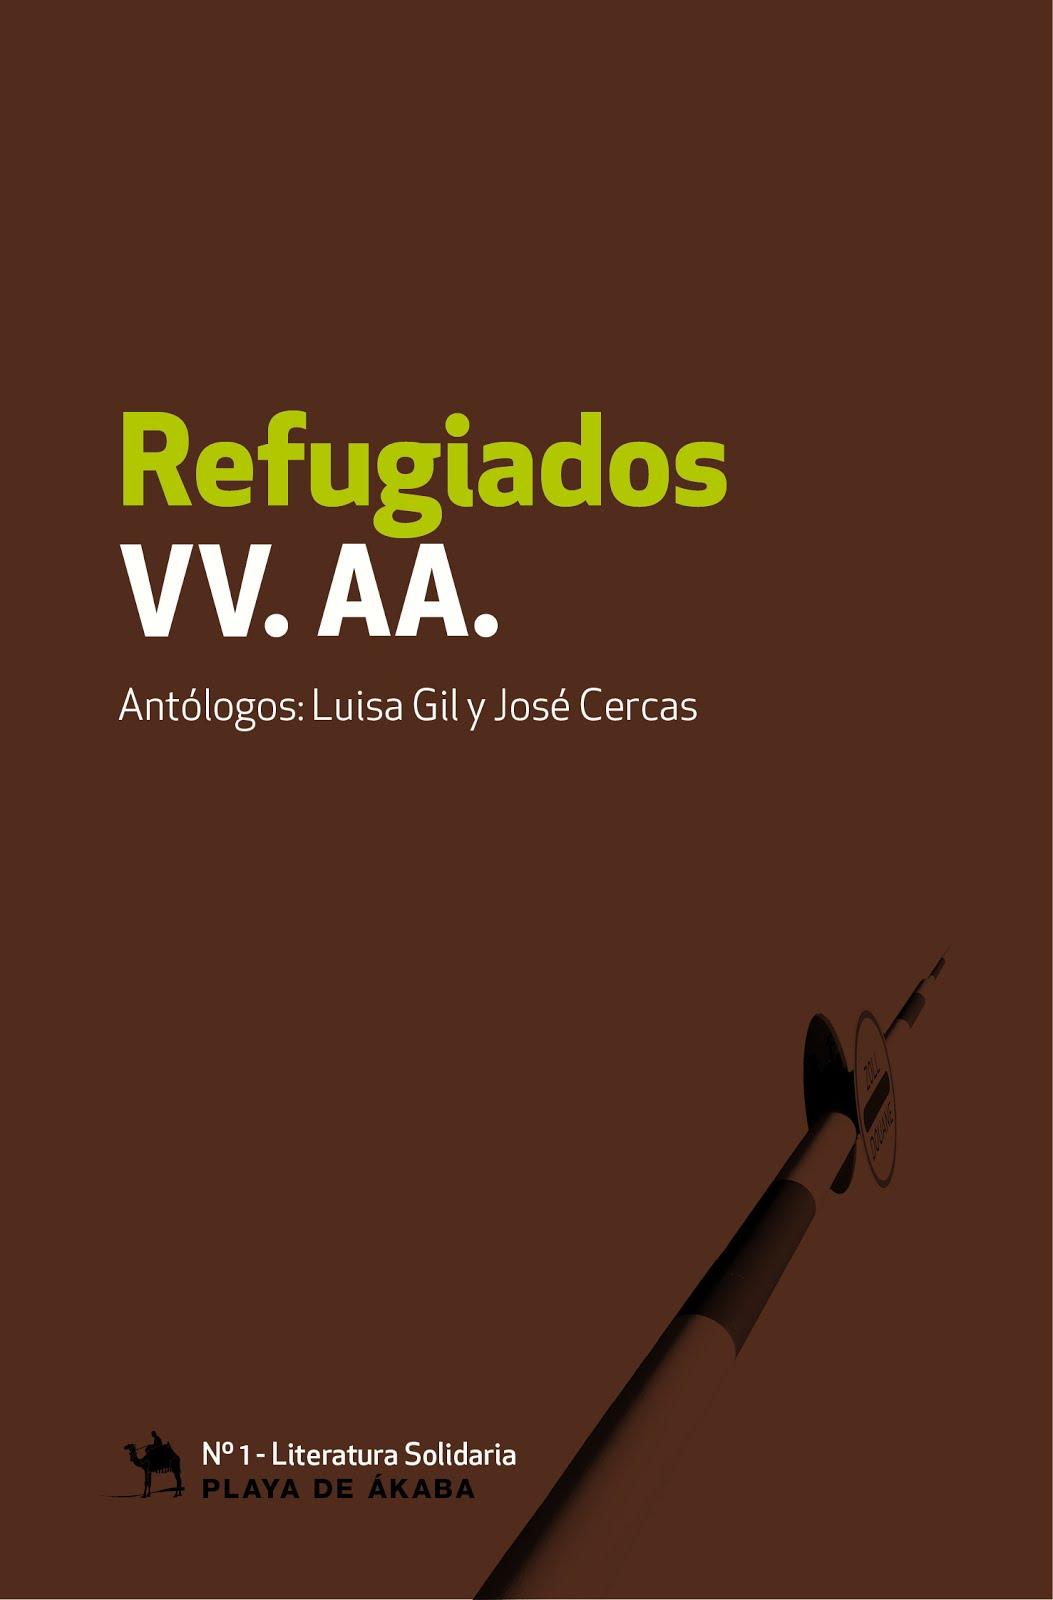 Antología de refugiados